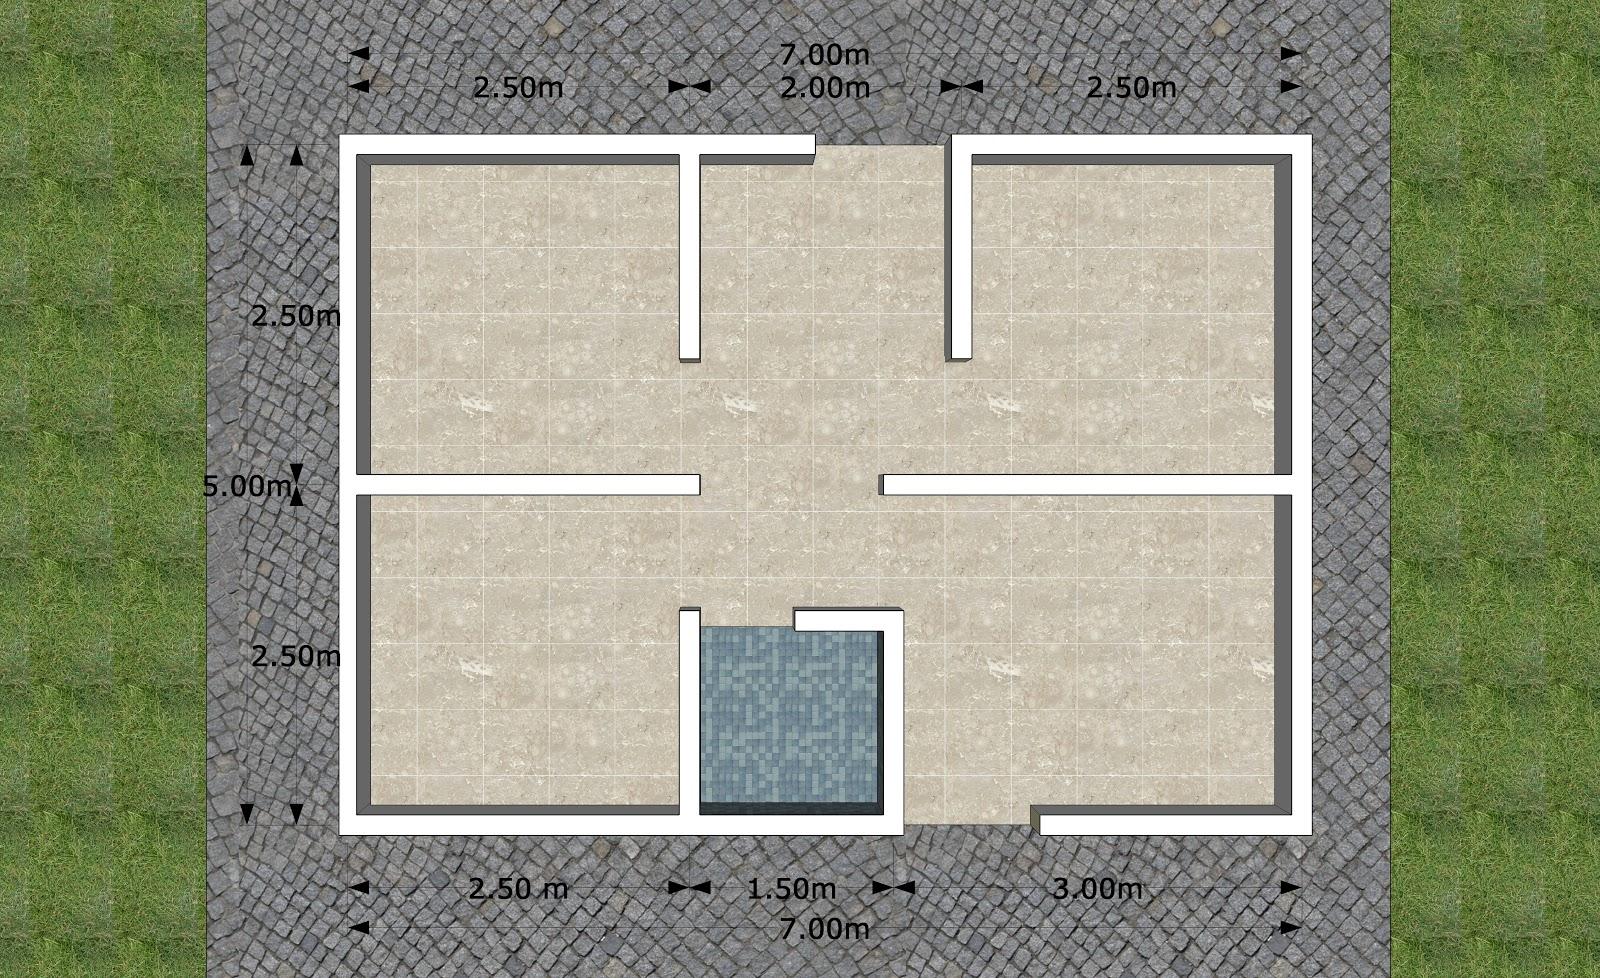 Desain Rumah Mungil 7x5 M Jasa Desain Gambar Rumah Minimalis Online Murah Harga Terjangkau